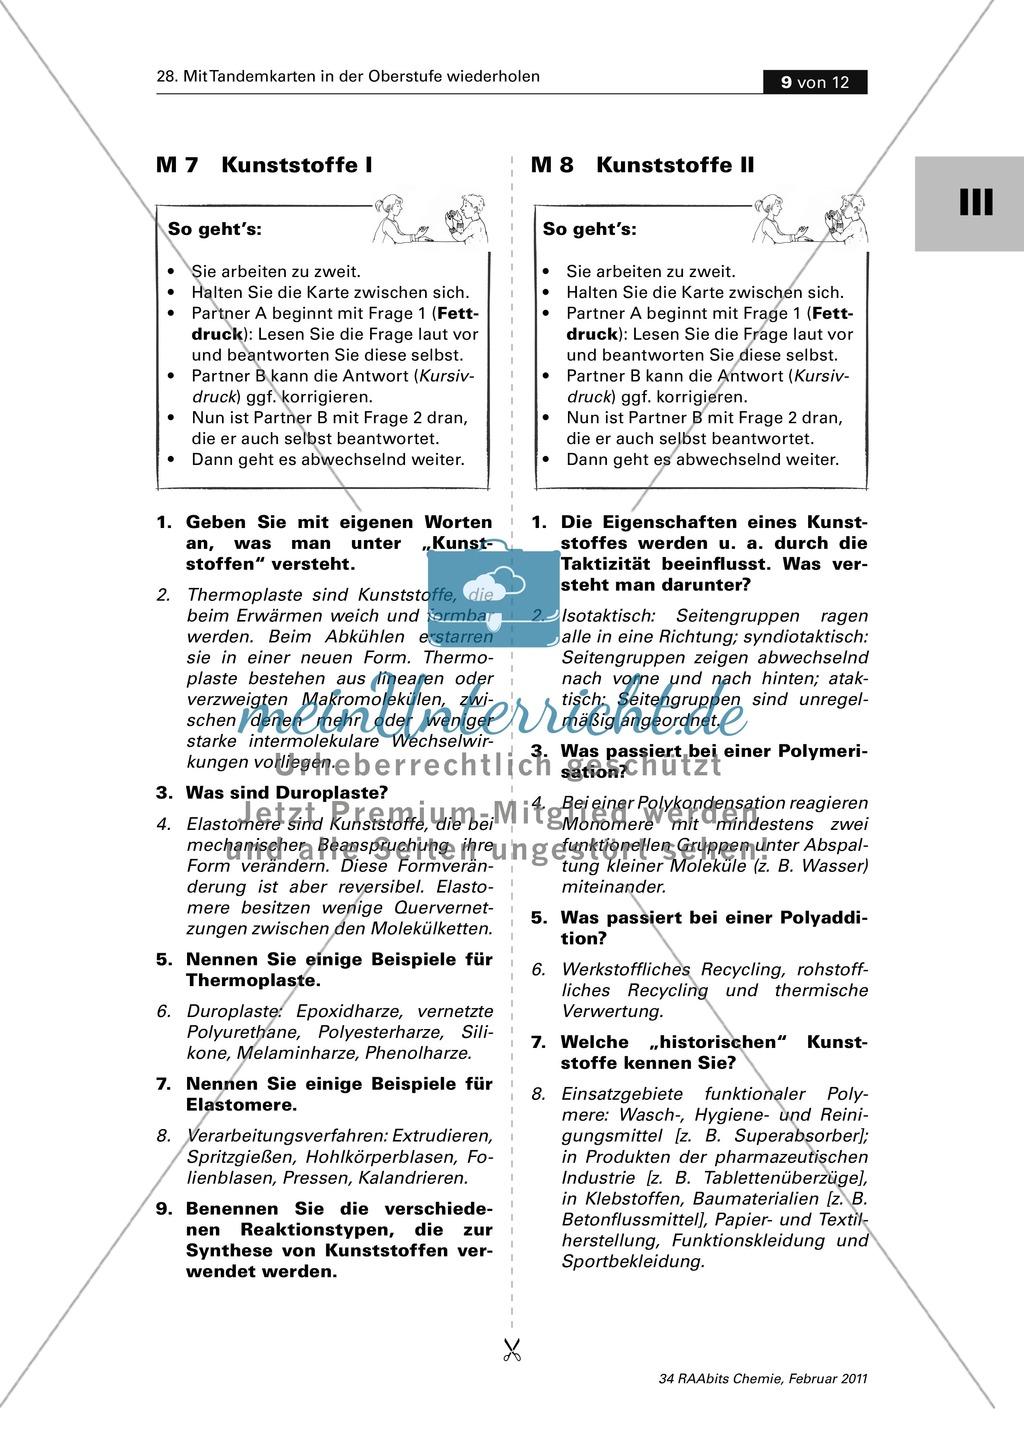 Wunderbar Reaktionstypen Arbeitsblatt Antwortschlüssel Fotos ...